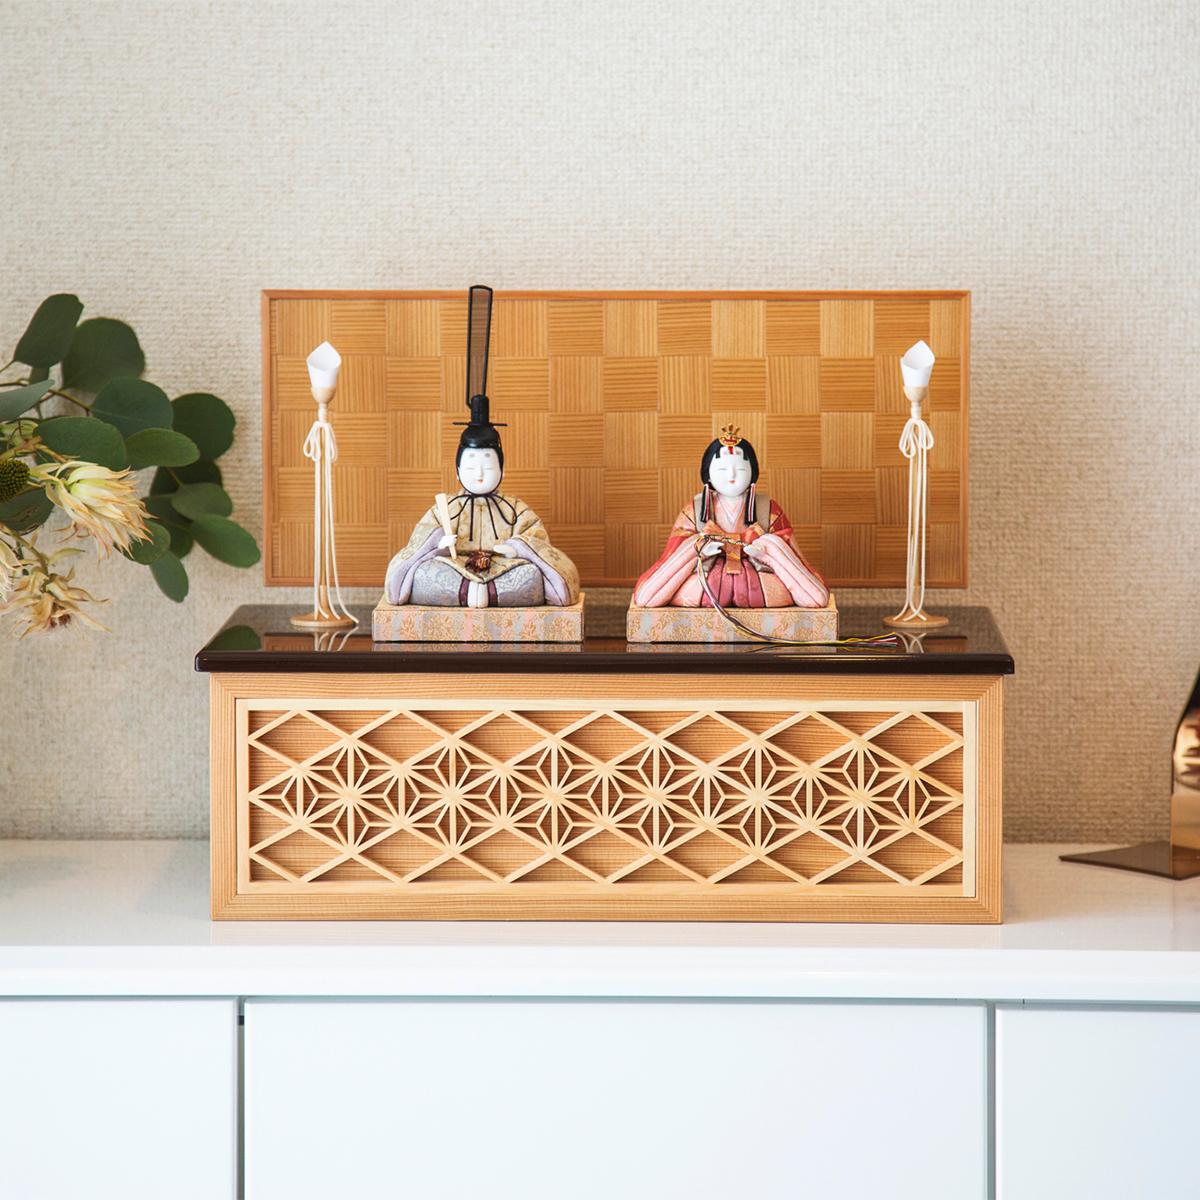 現代建築やインテリアに映える写実的な美しさ。モダンな美しい日本の伝統工芸が結集した木目込みプレミアム雛人形|柿沼東光の宝想雛